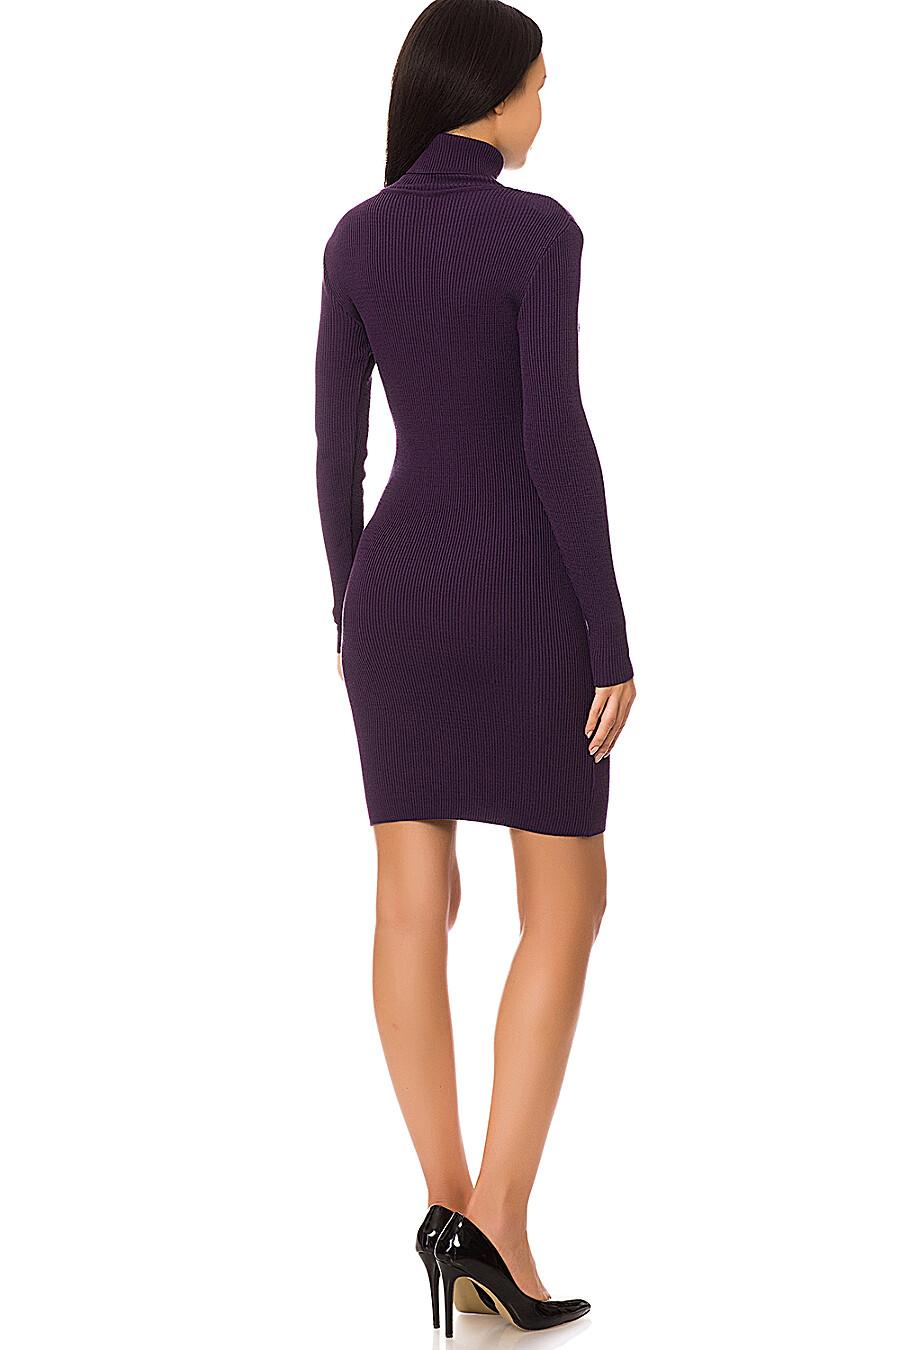 Платье #66471